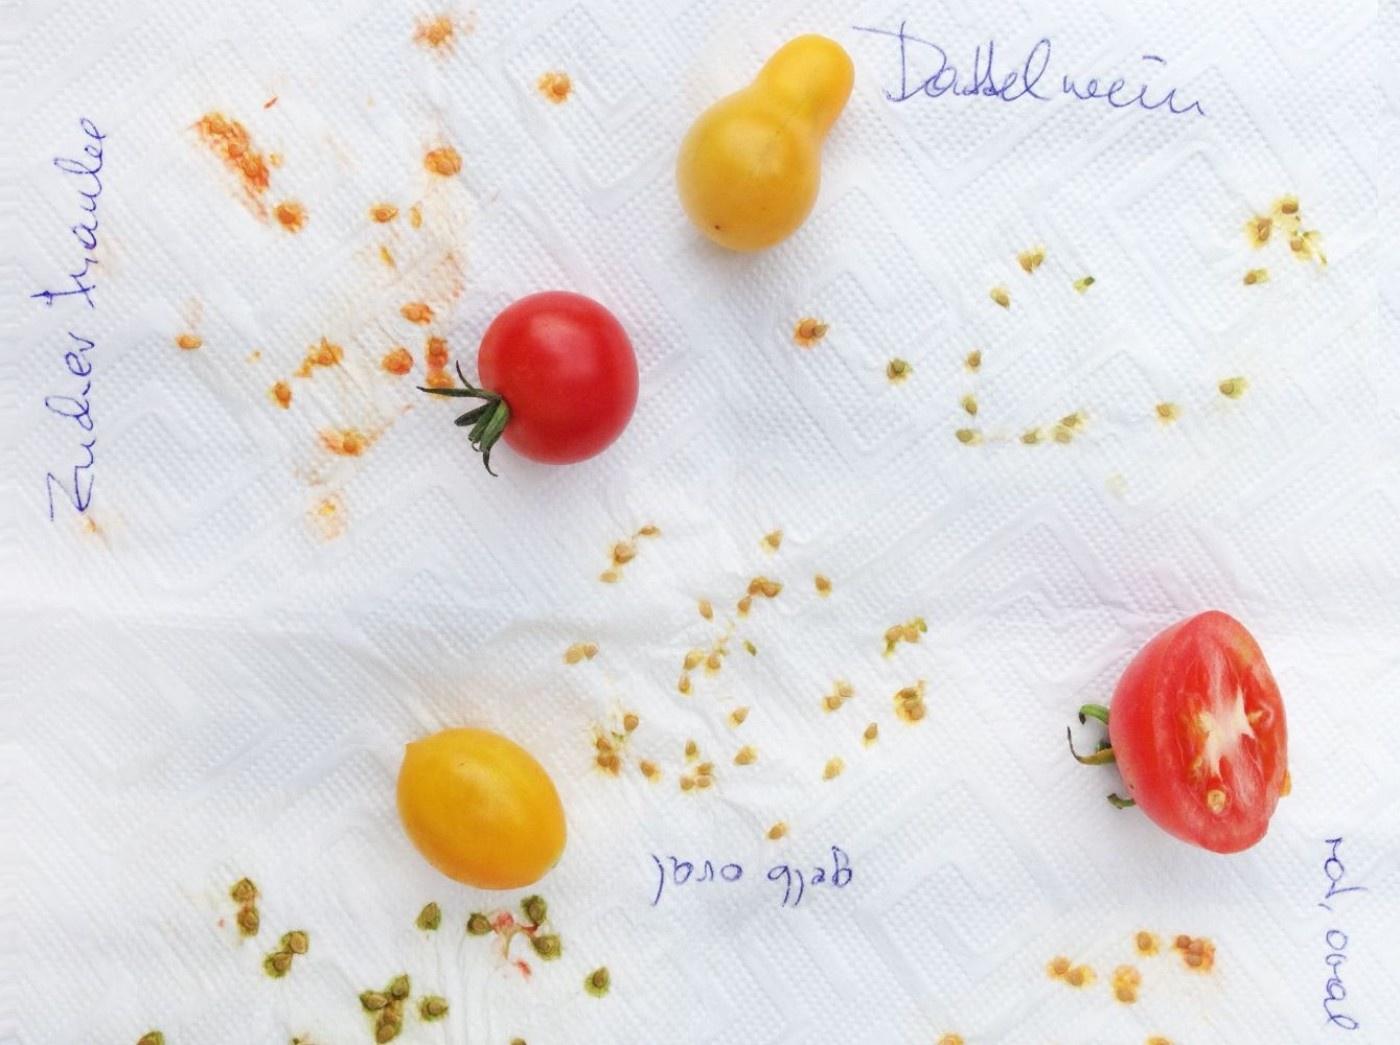 Cocktailtomaten und Samen auf Küchenrollenpapier